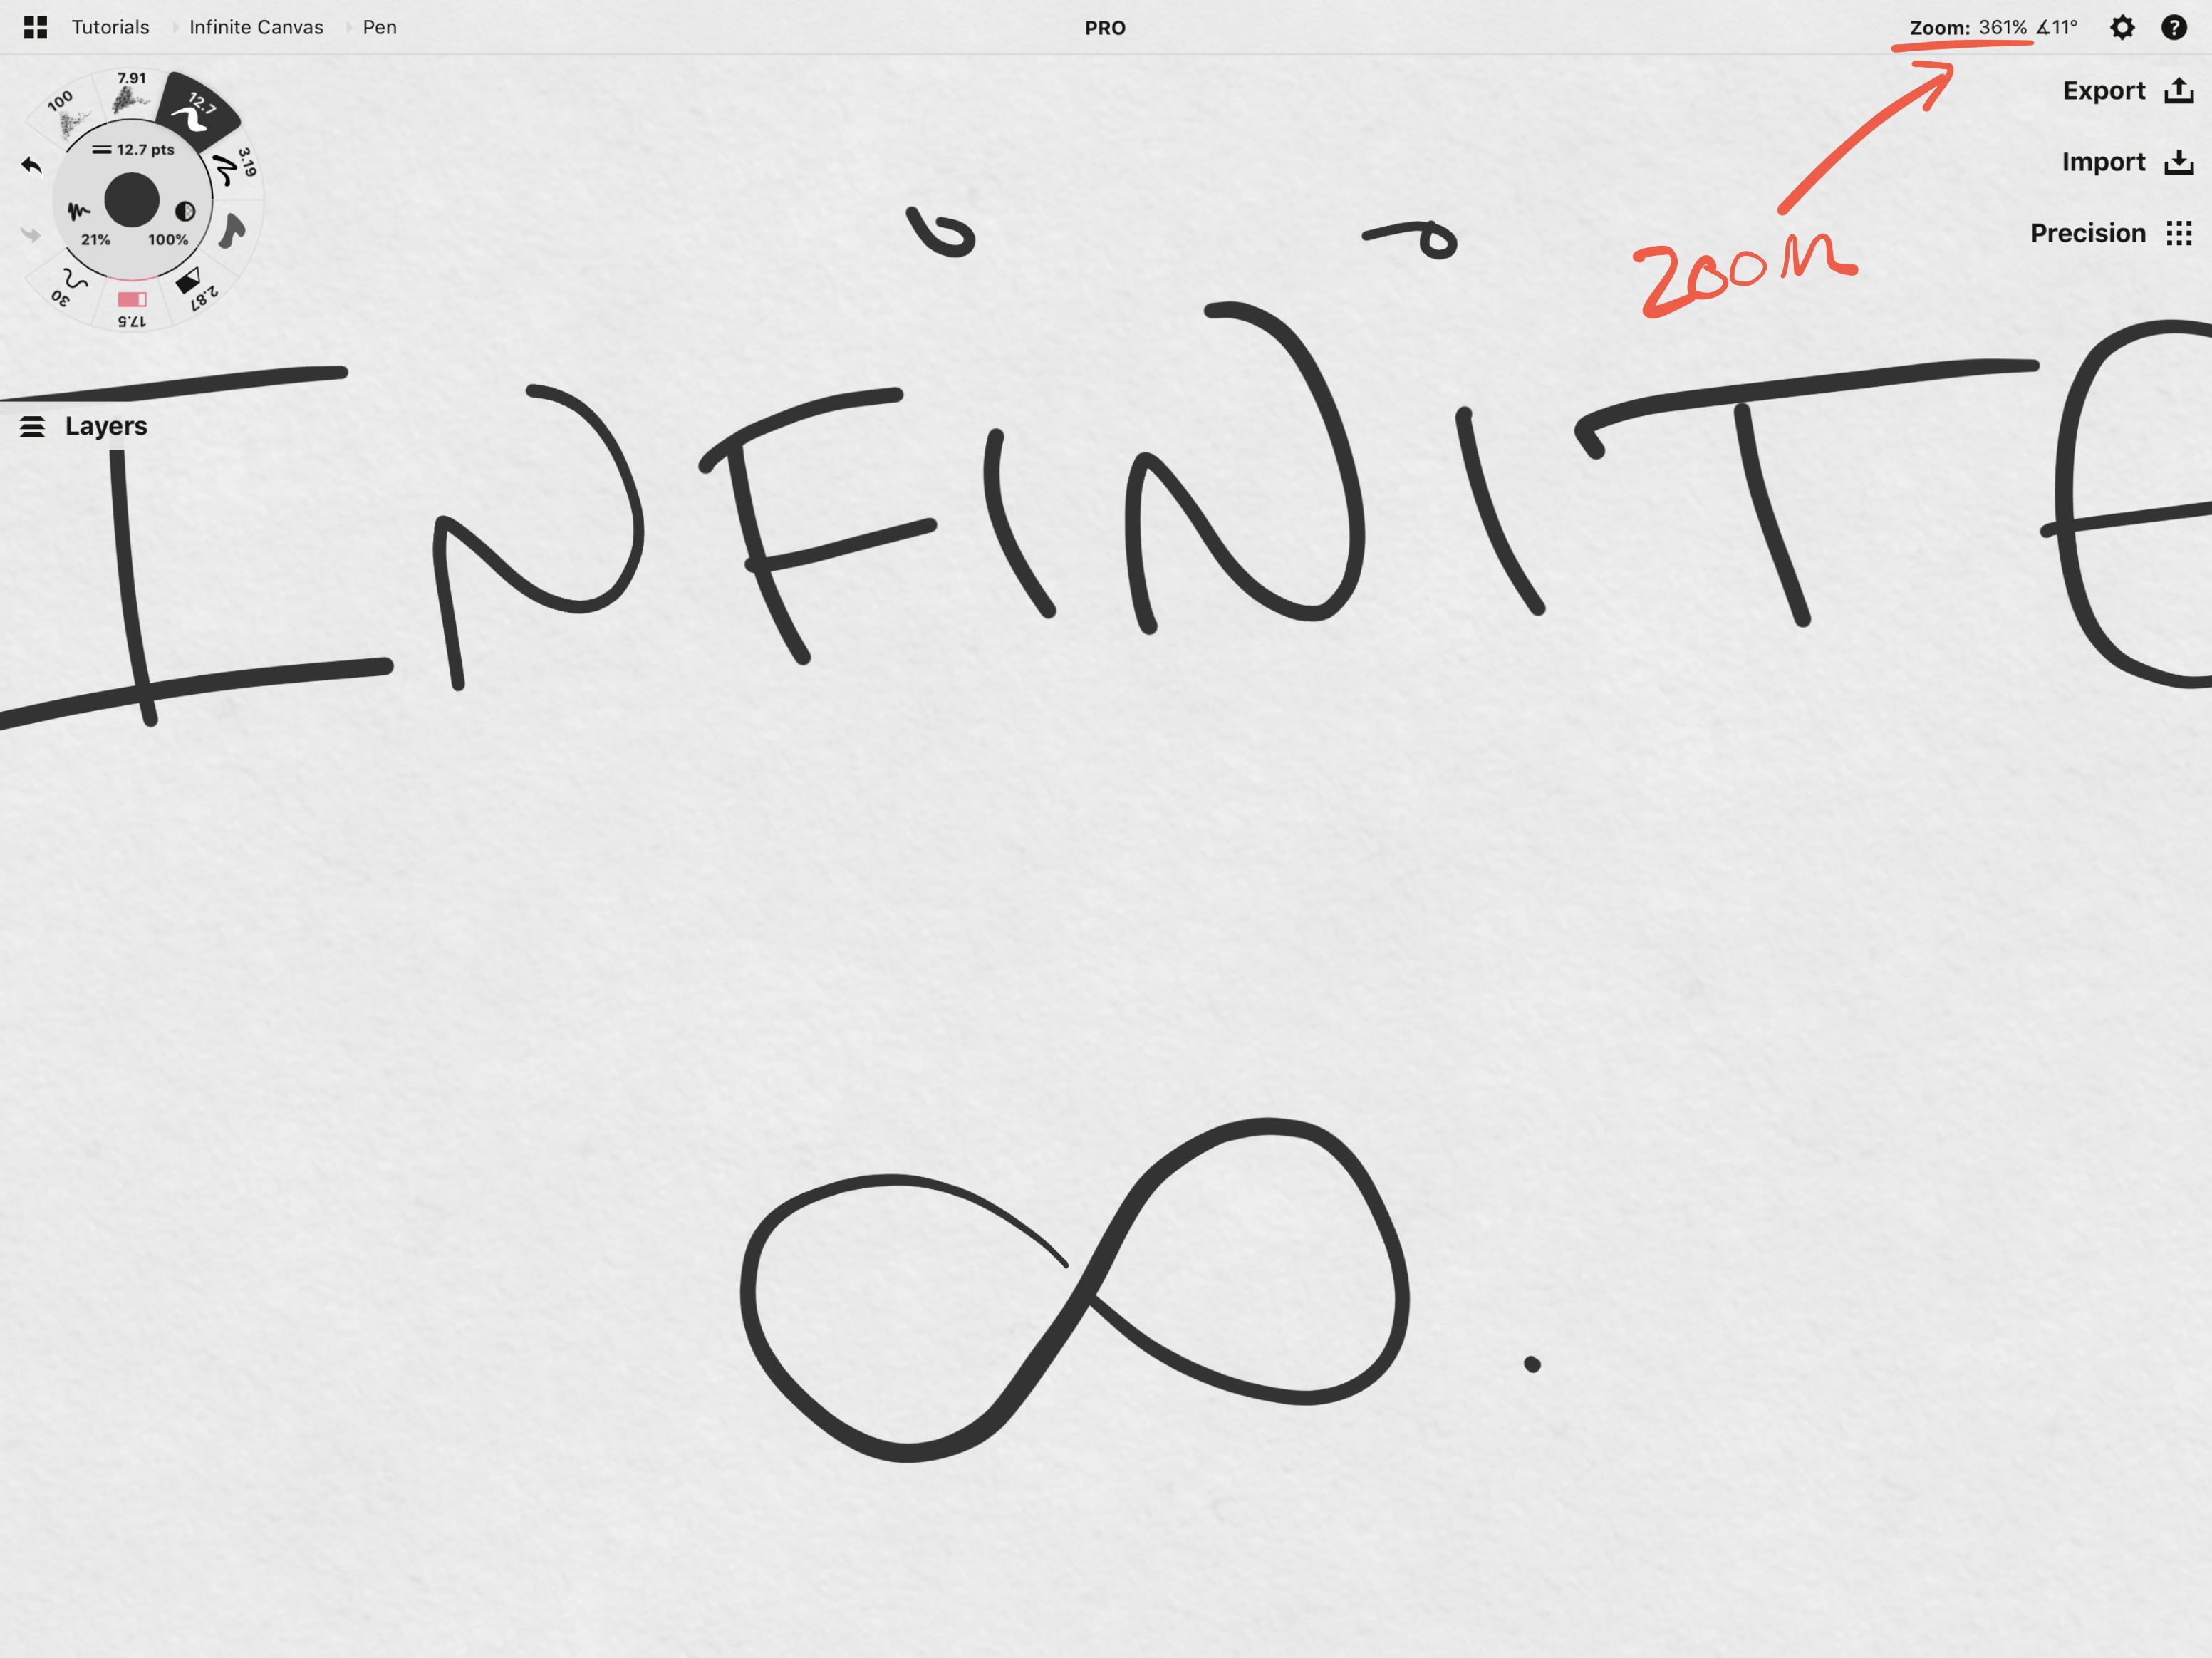 infinitecanvas_zoom.PNG